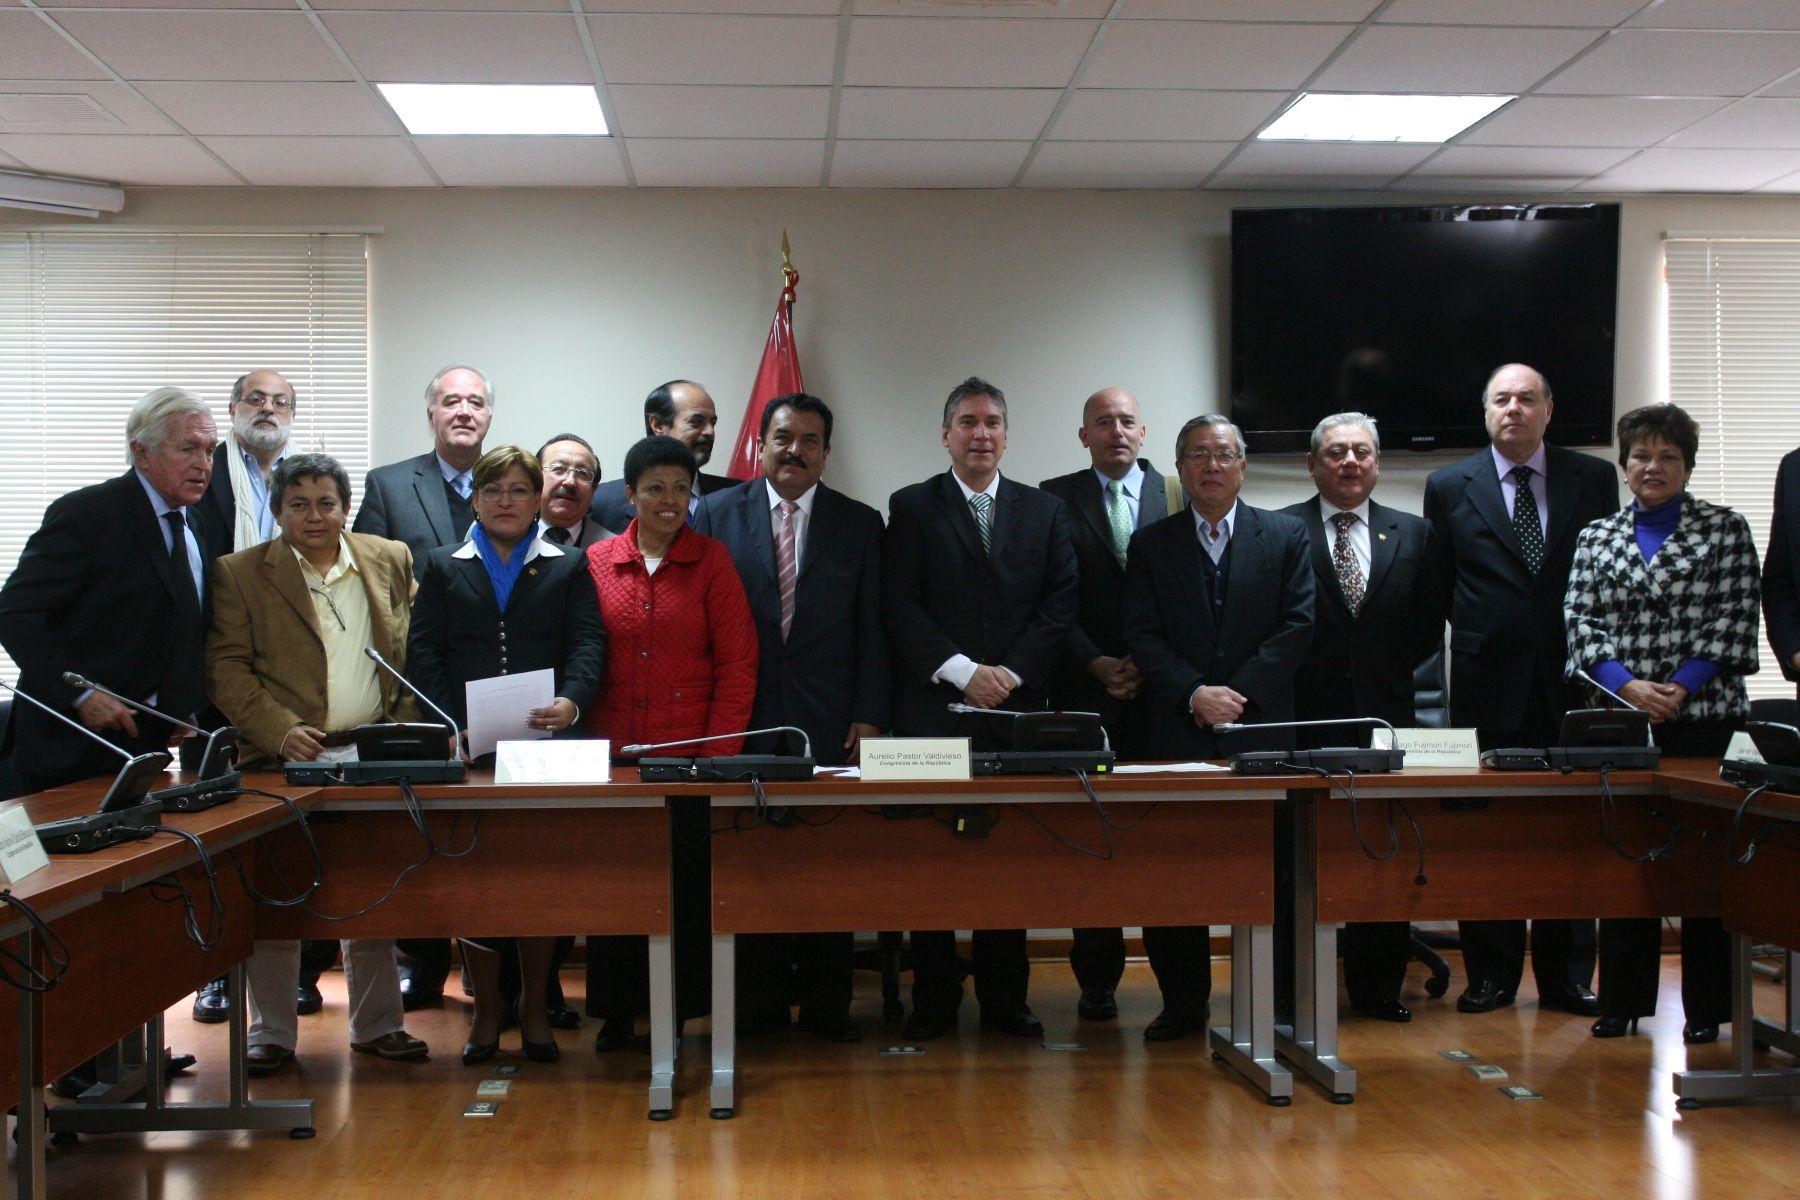 Instalación de la Comisión de Constitución del Congreso de la República. Foto:ANDINA/Rocío Farfán.